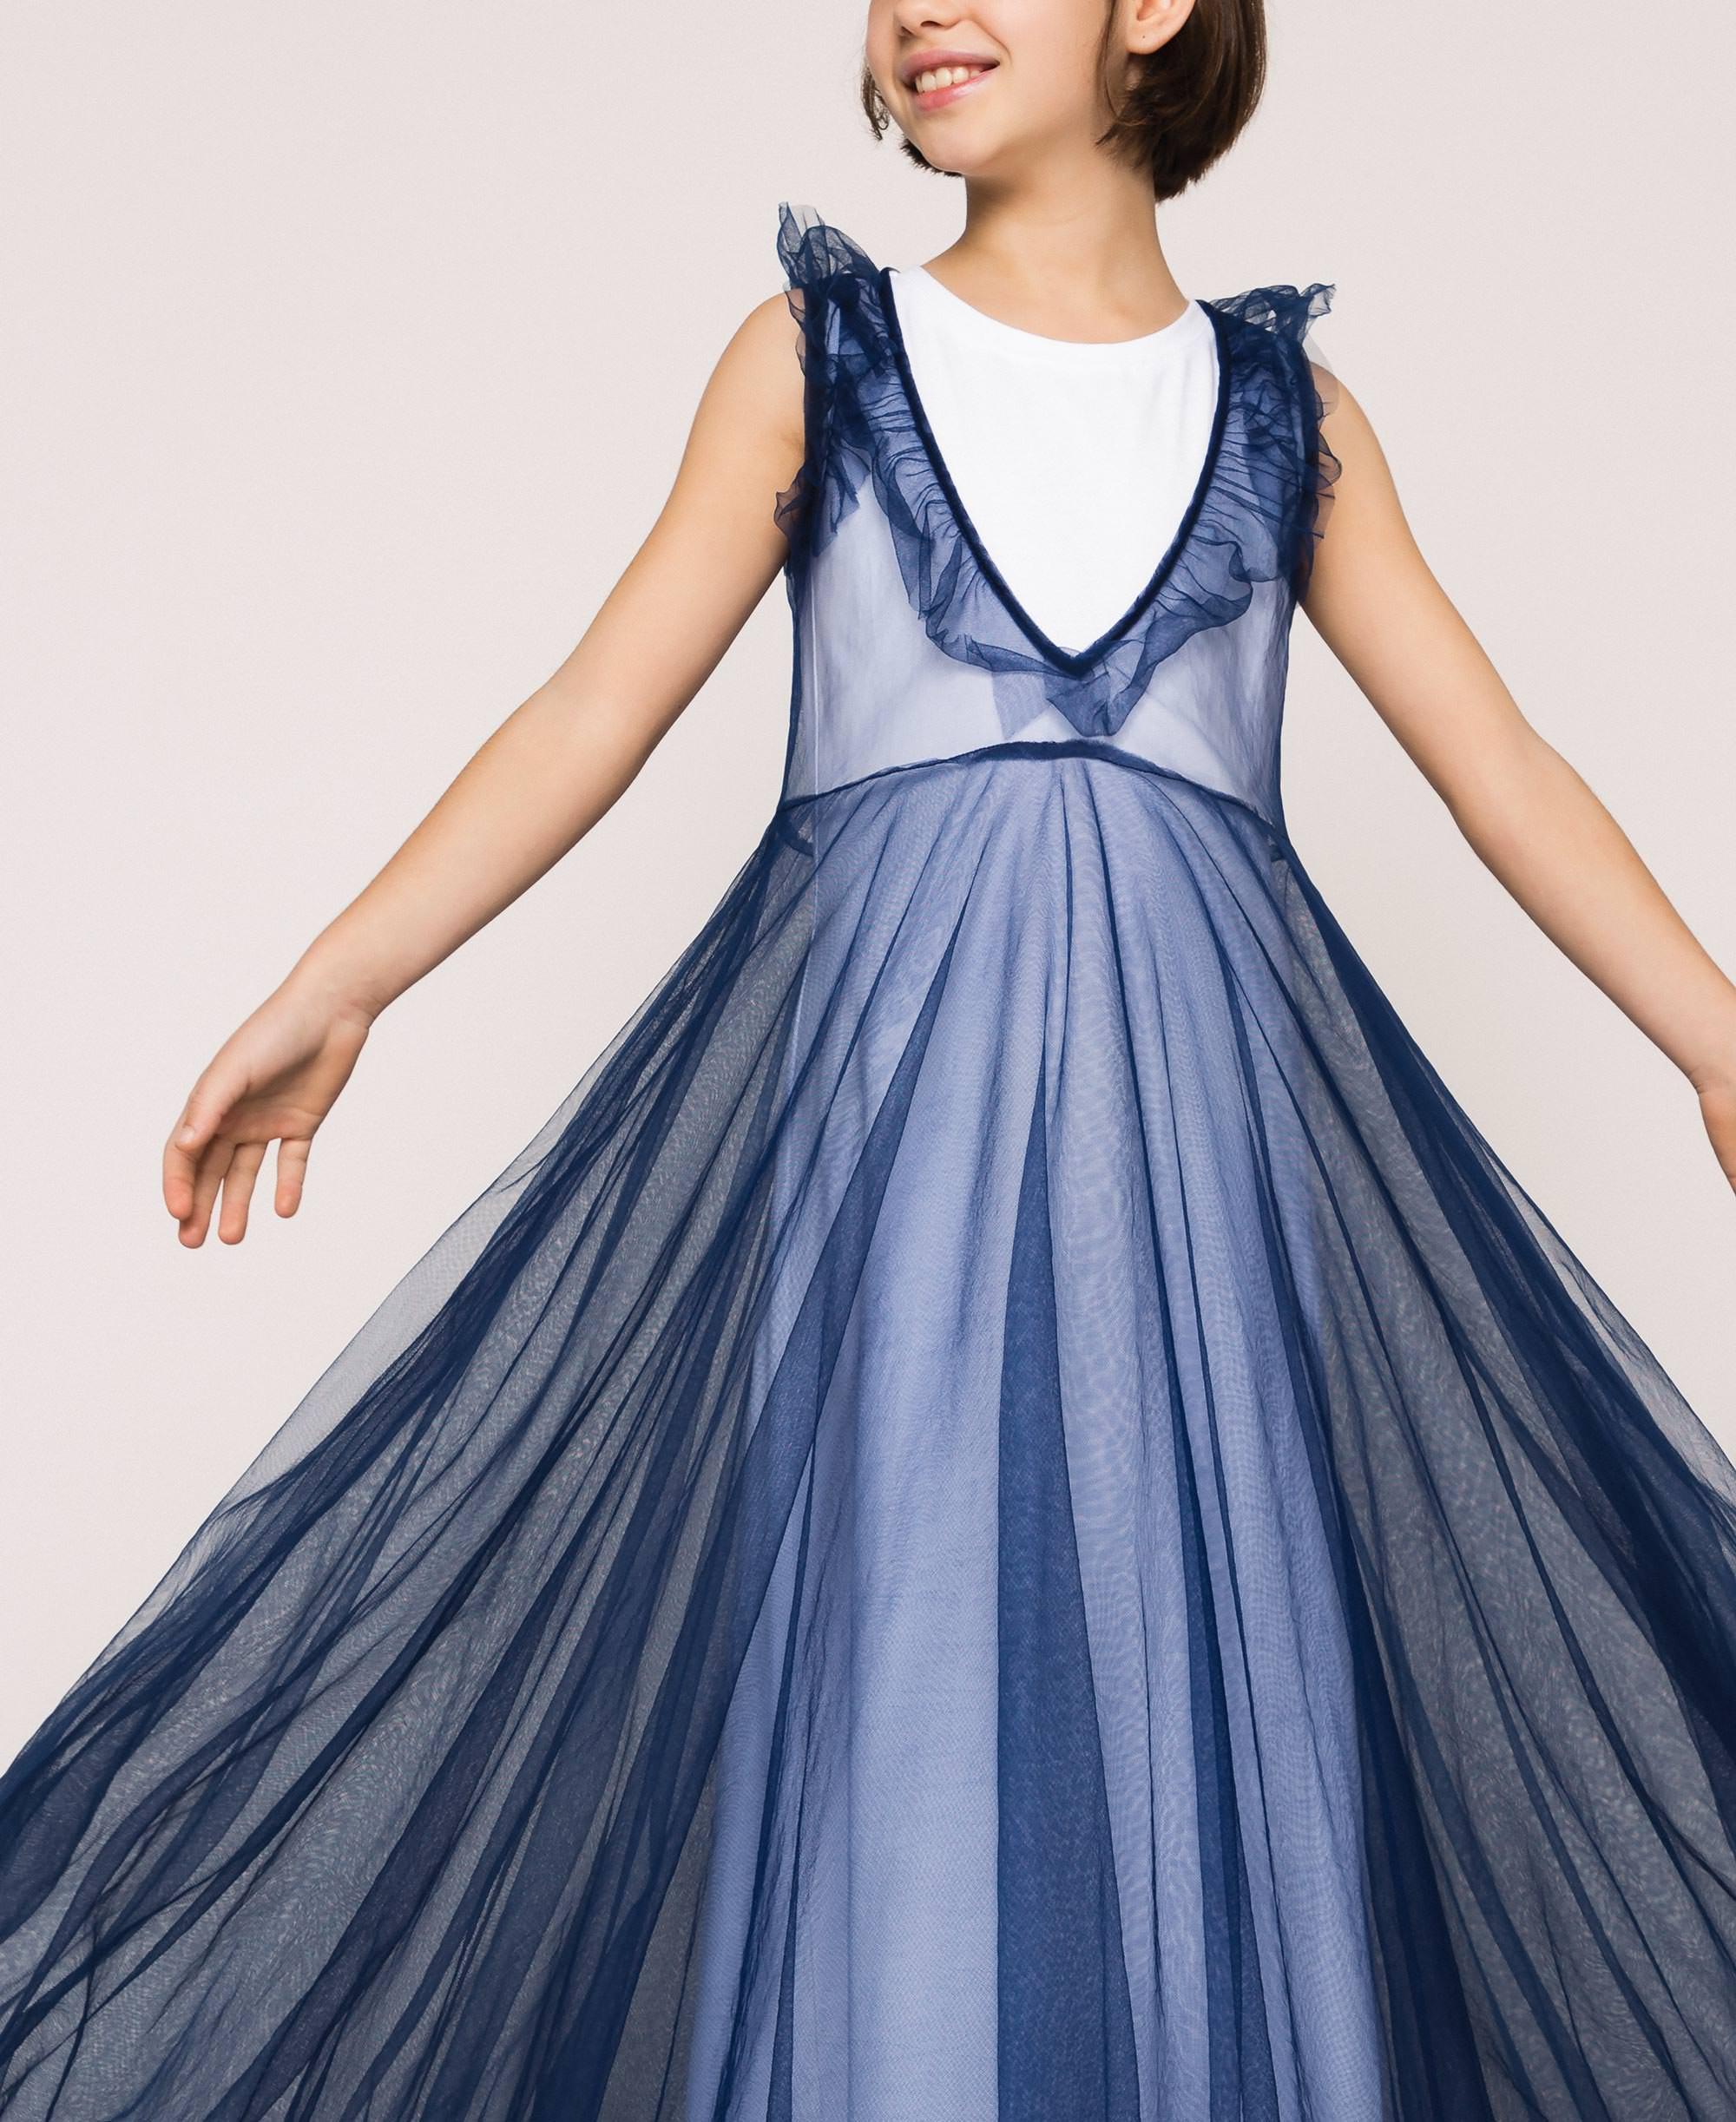 Maxi robe longue bleu royal robe longue bleue robe bohème